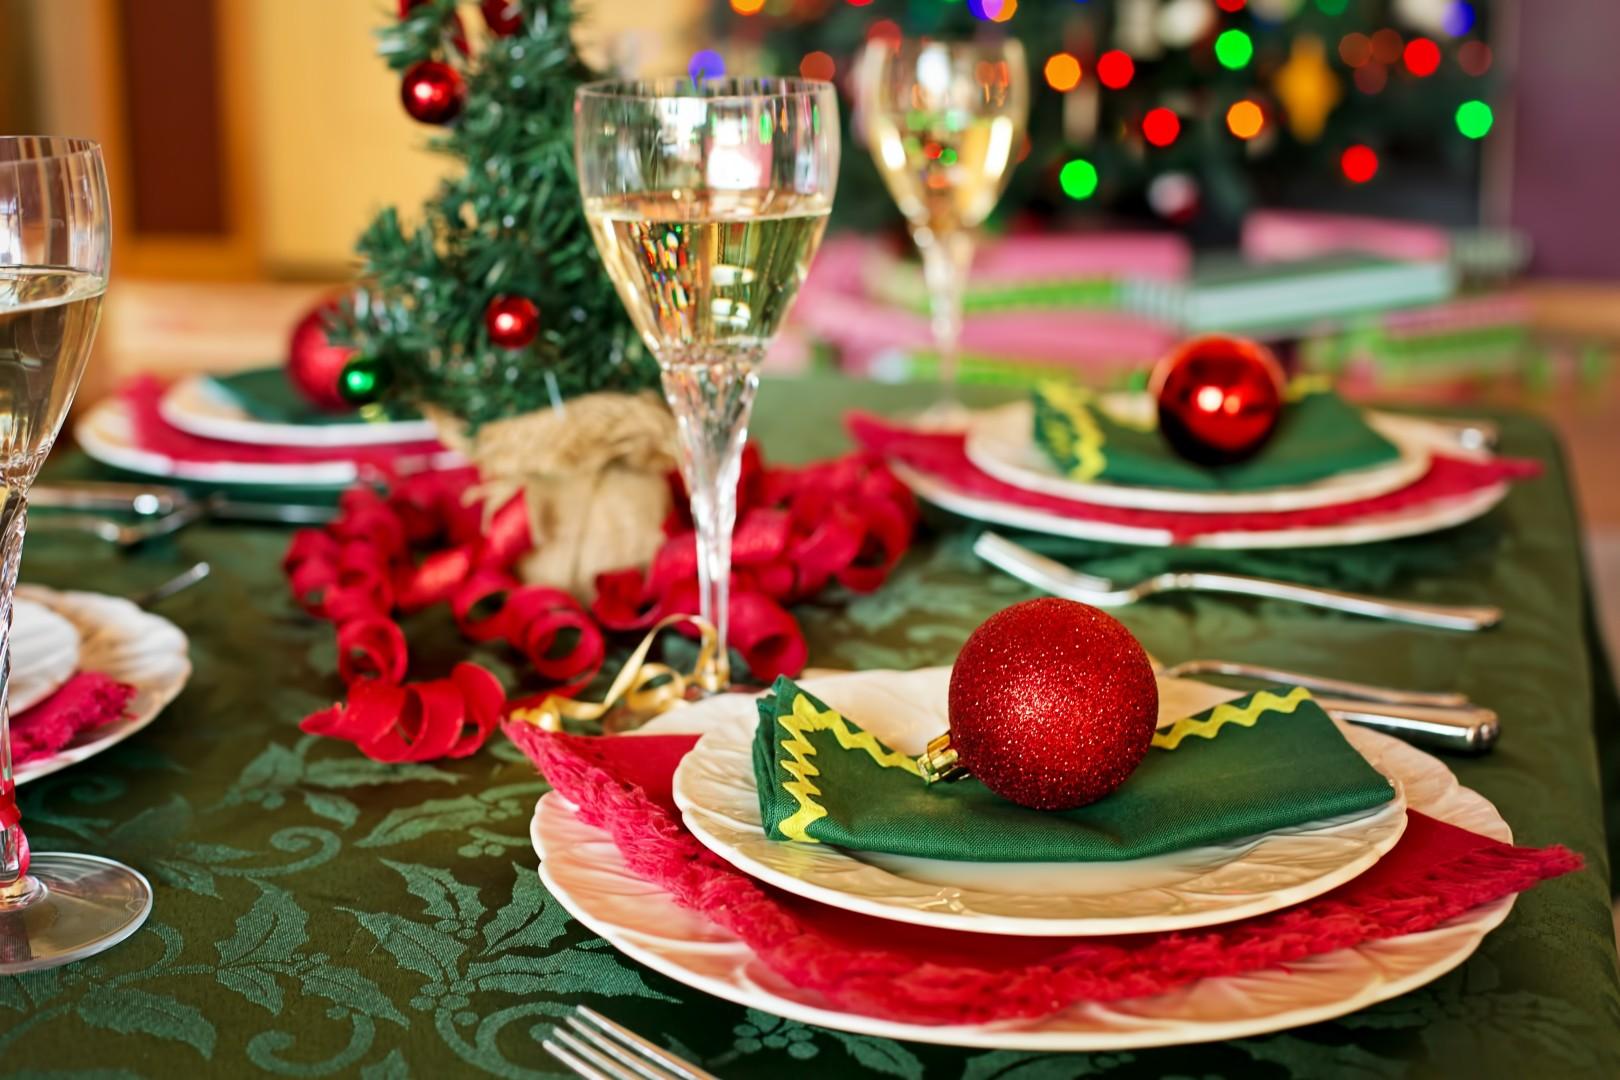 Potrawy wigilijne – czy znasz wszystkie dania świąteczne?